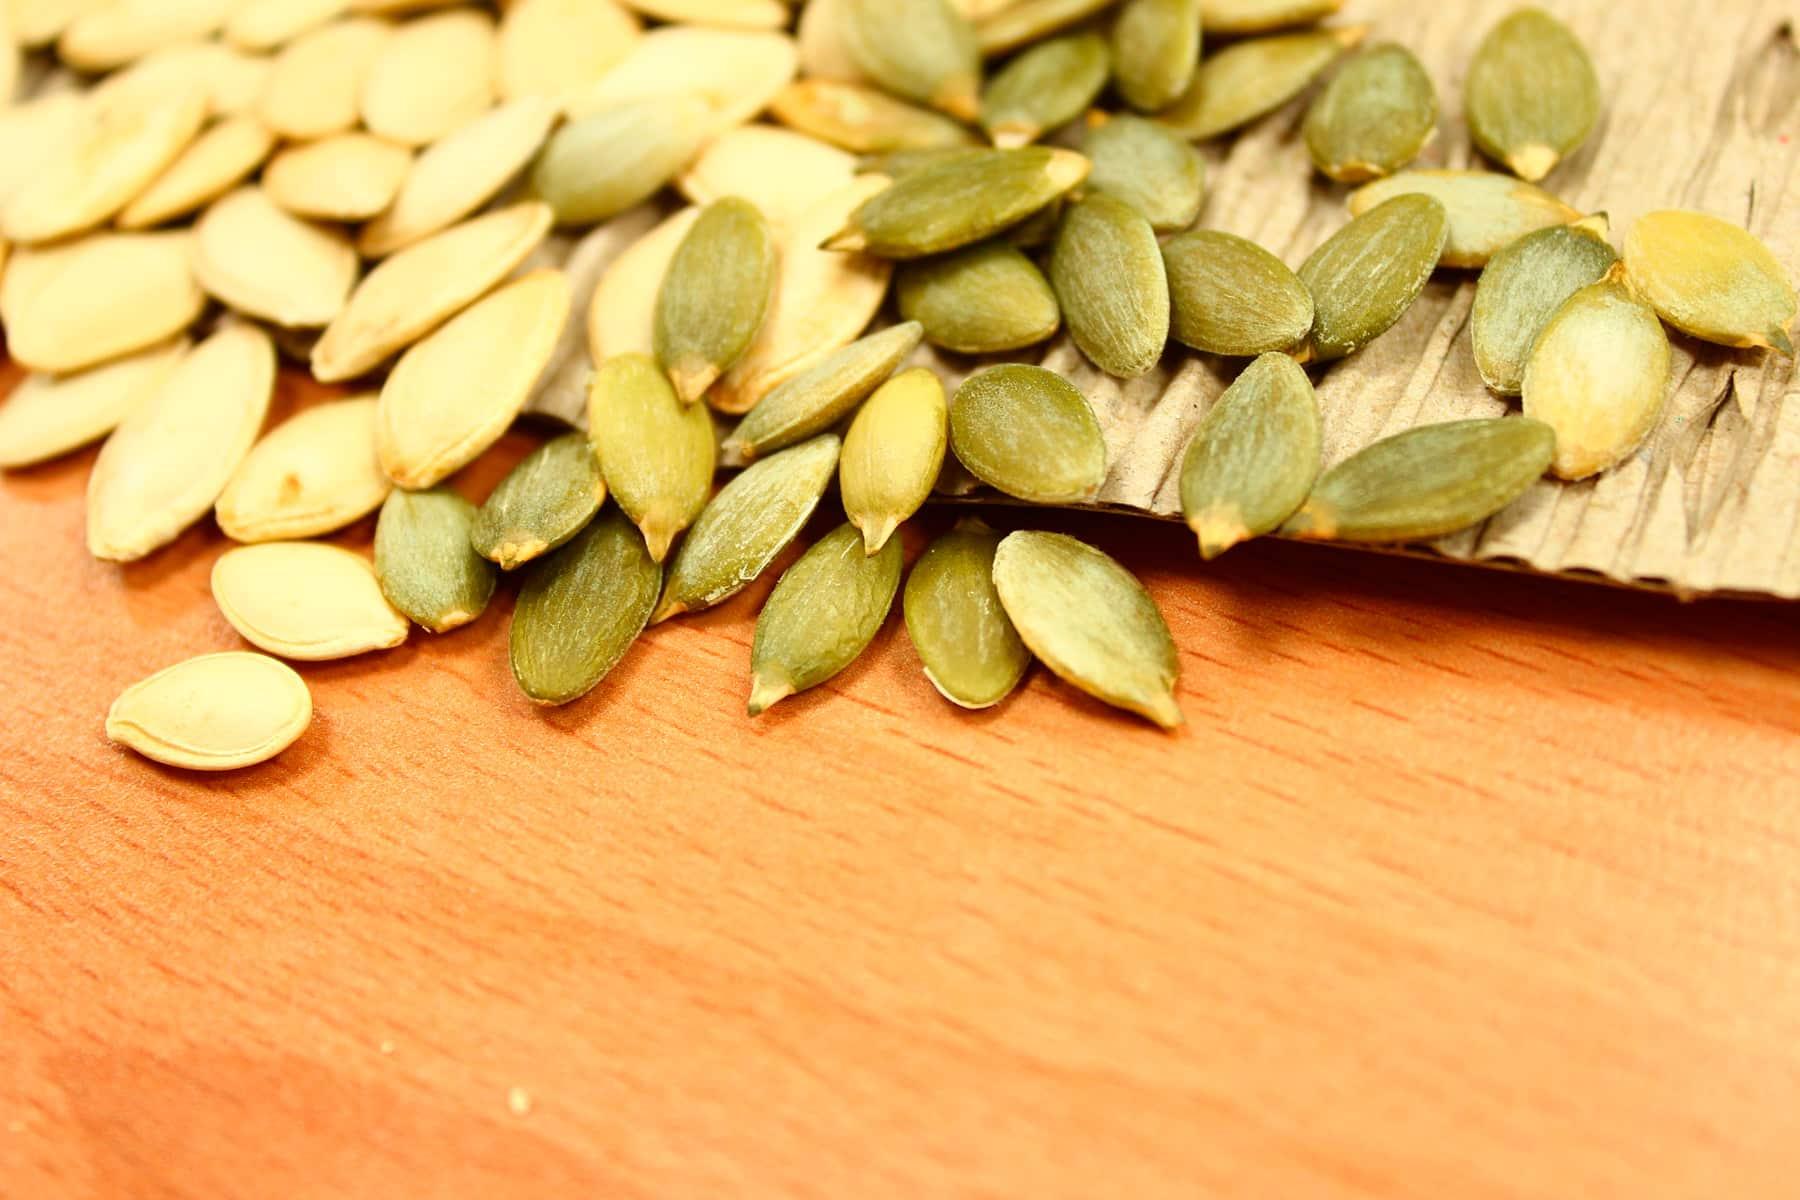 Las semillas de calabaza: Sus beneficios nutricionales y usos en la cocina